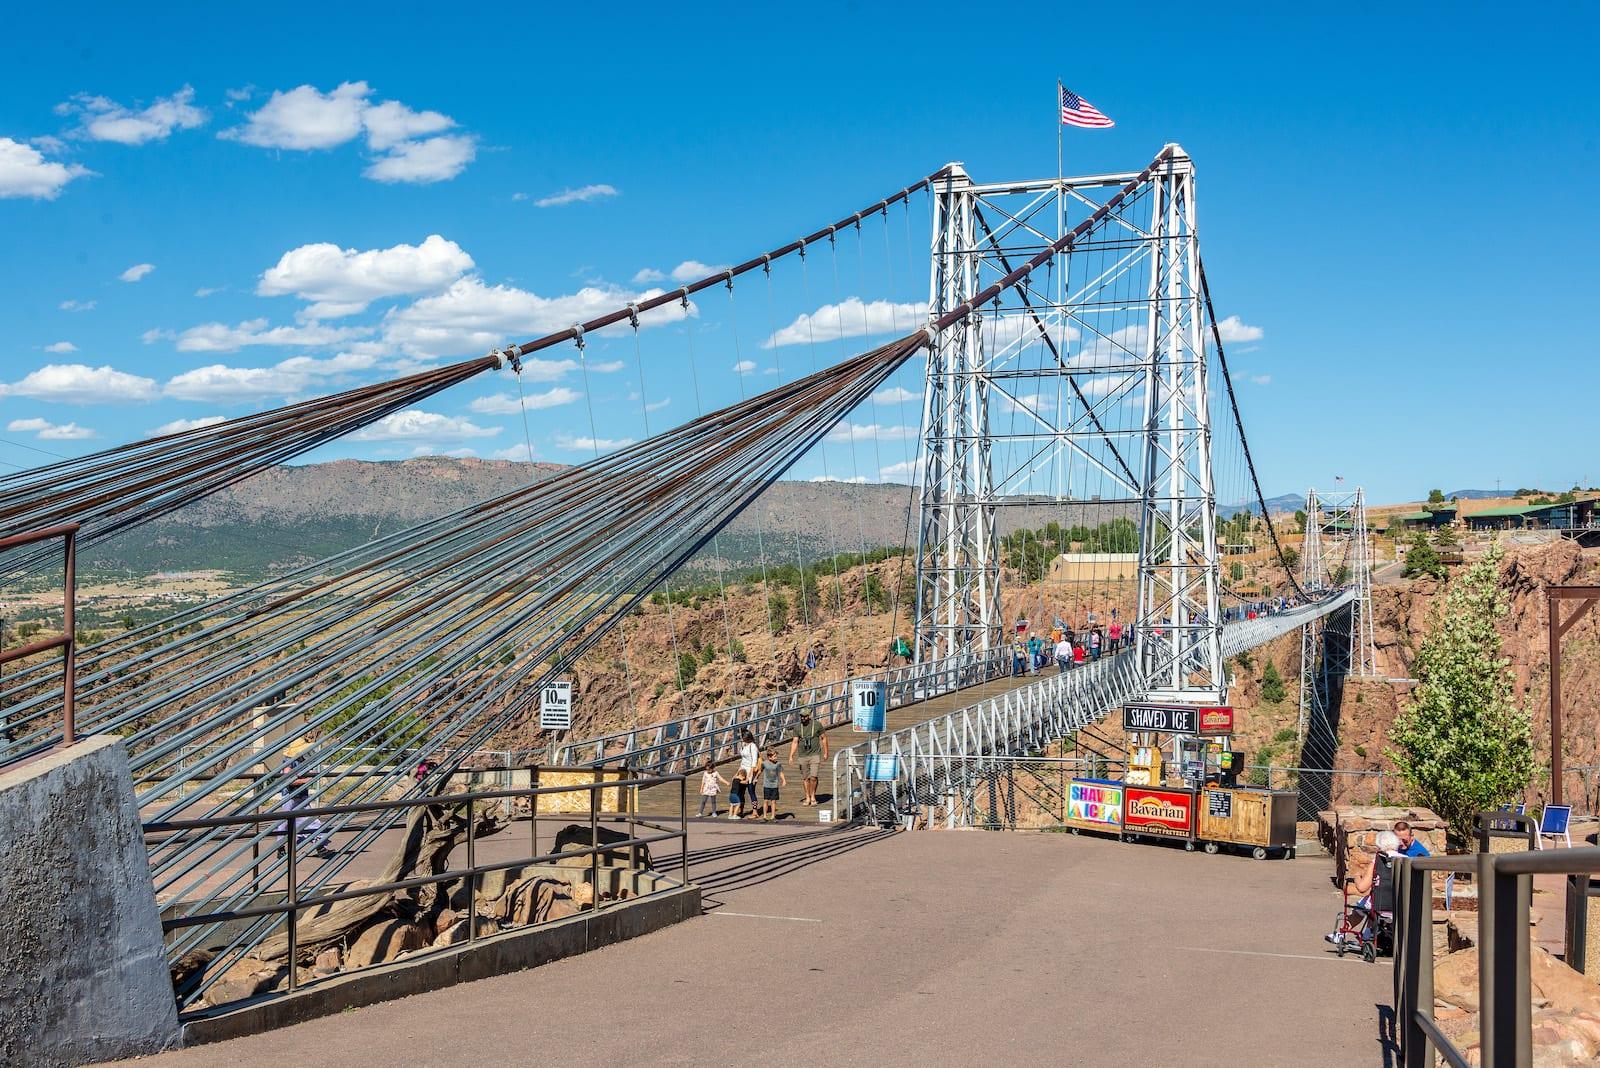 Royal Gorge Bridge & Park, Colorado